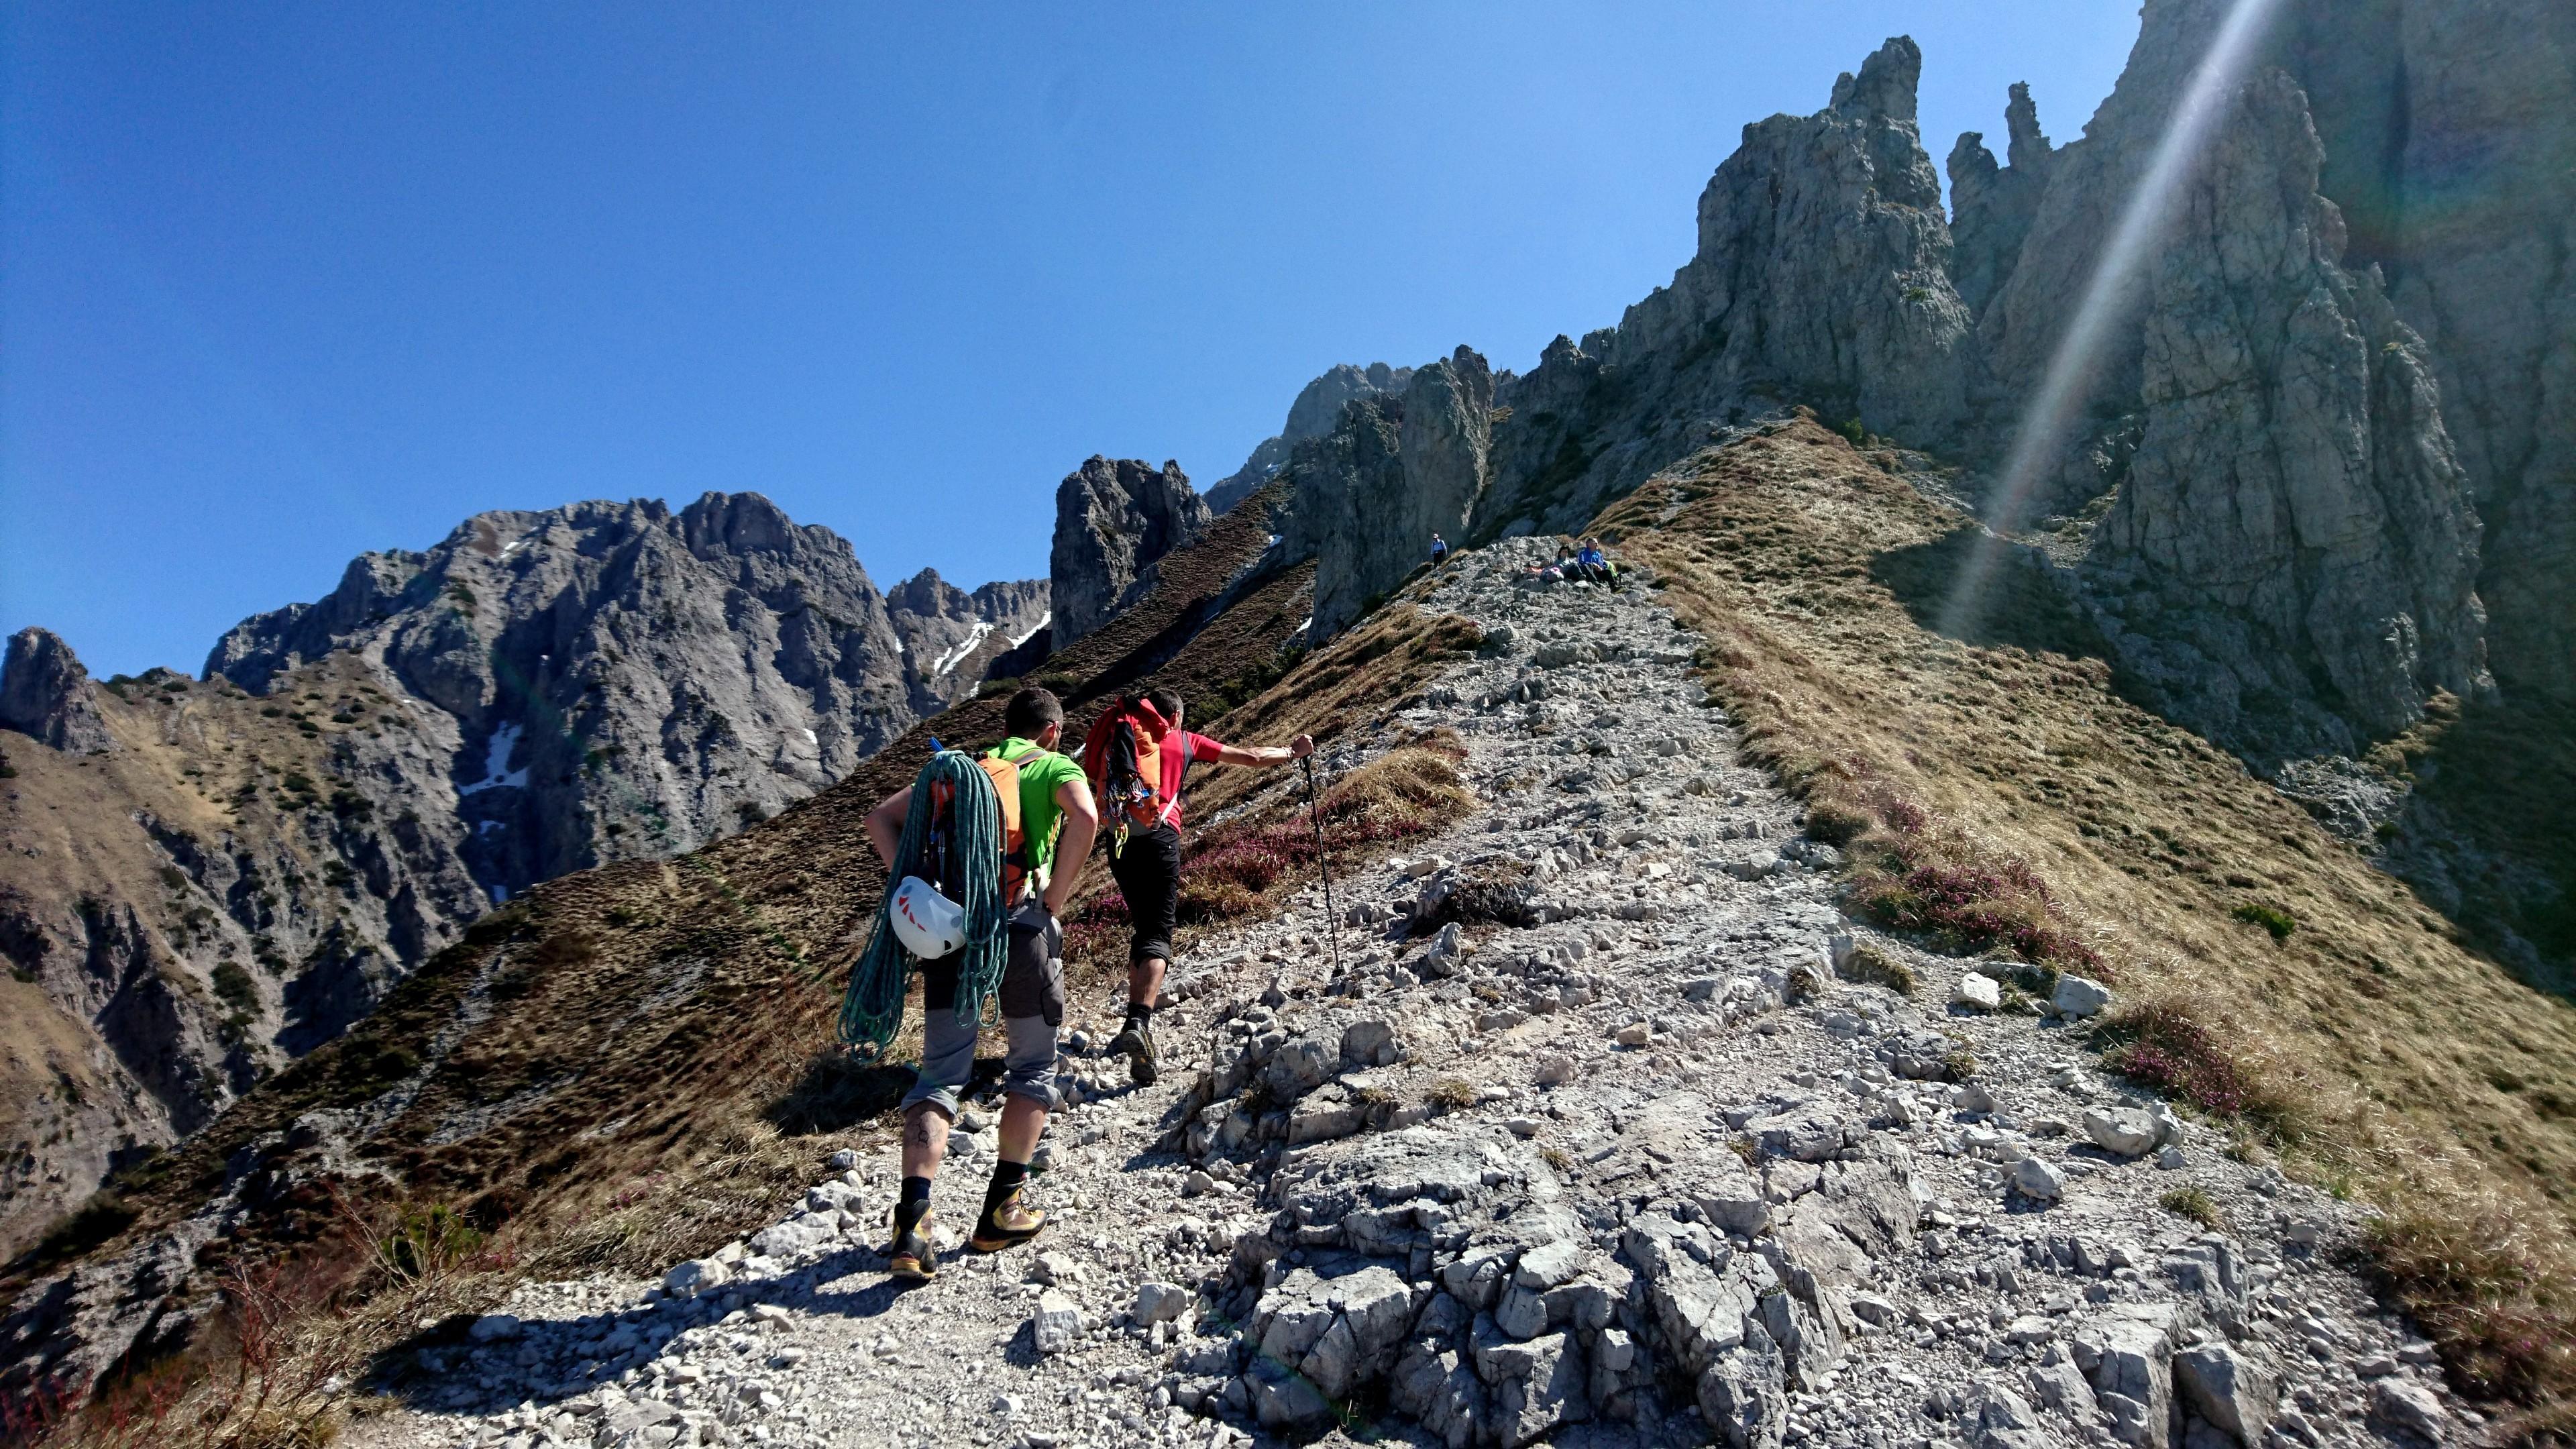 Ma noi dobbiamo proseguire verso il colle Garibaldi che si trova qualche minuti più a monte